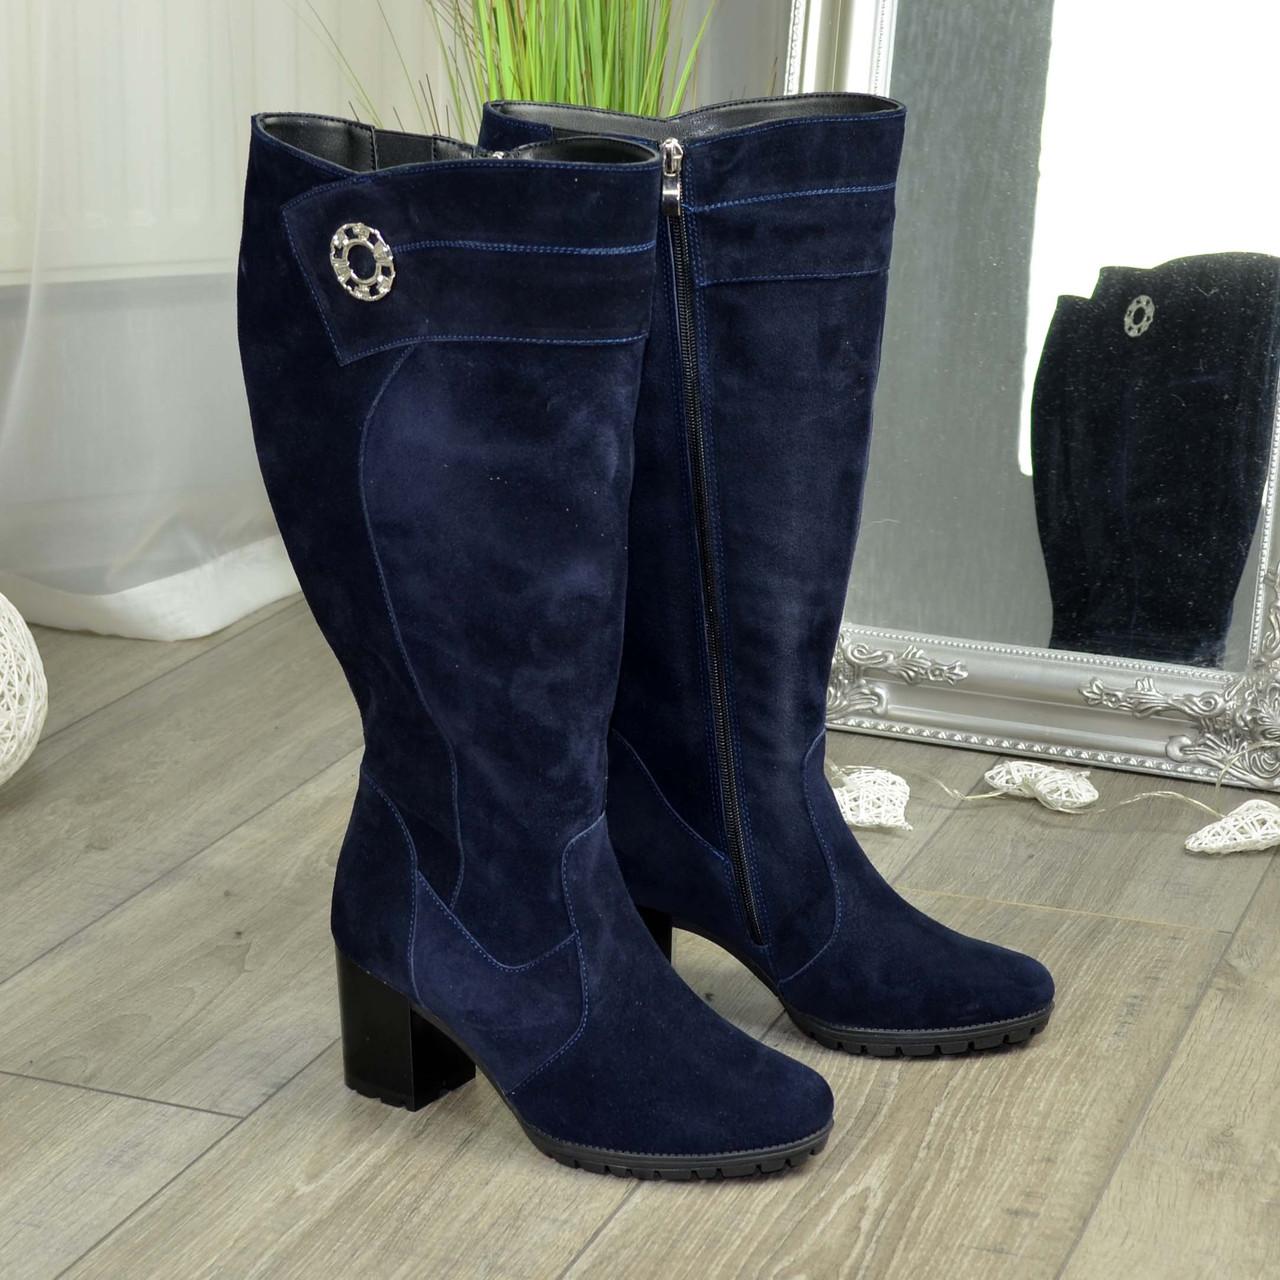 Женские синие замшевые сапоги на устойчивом каблуке. Батал!